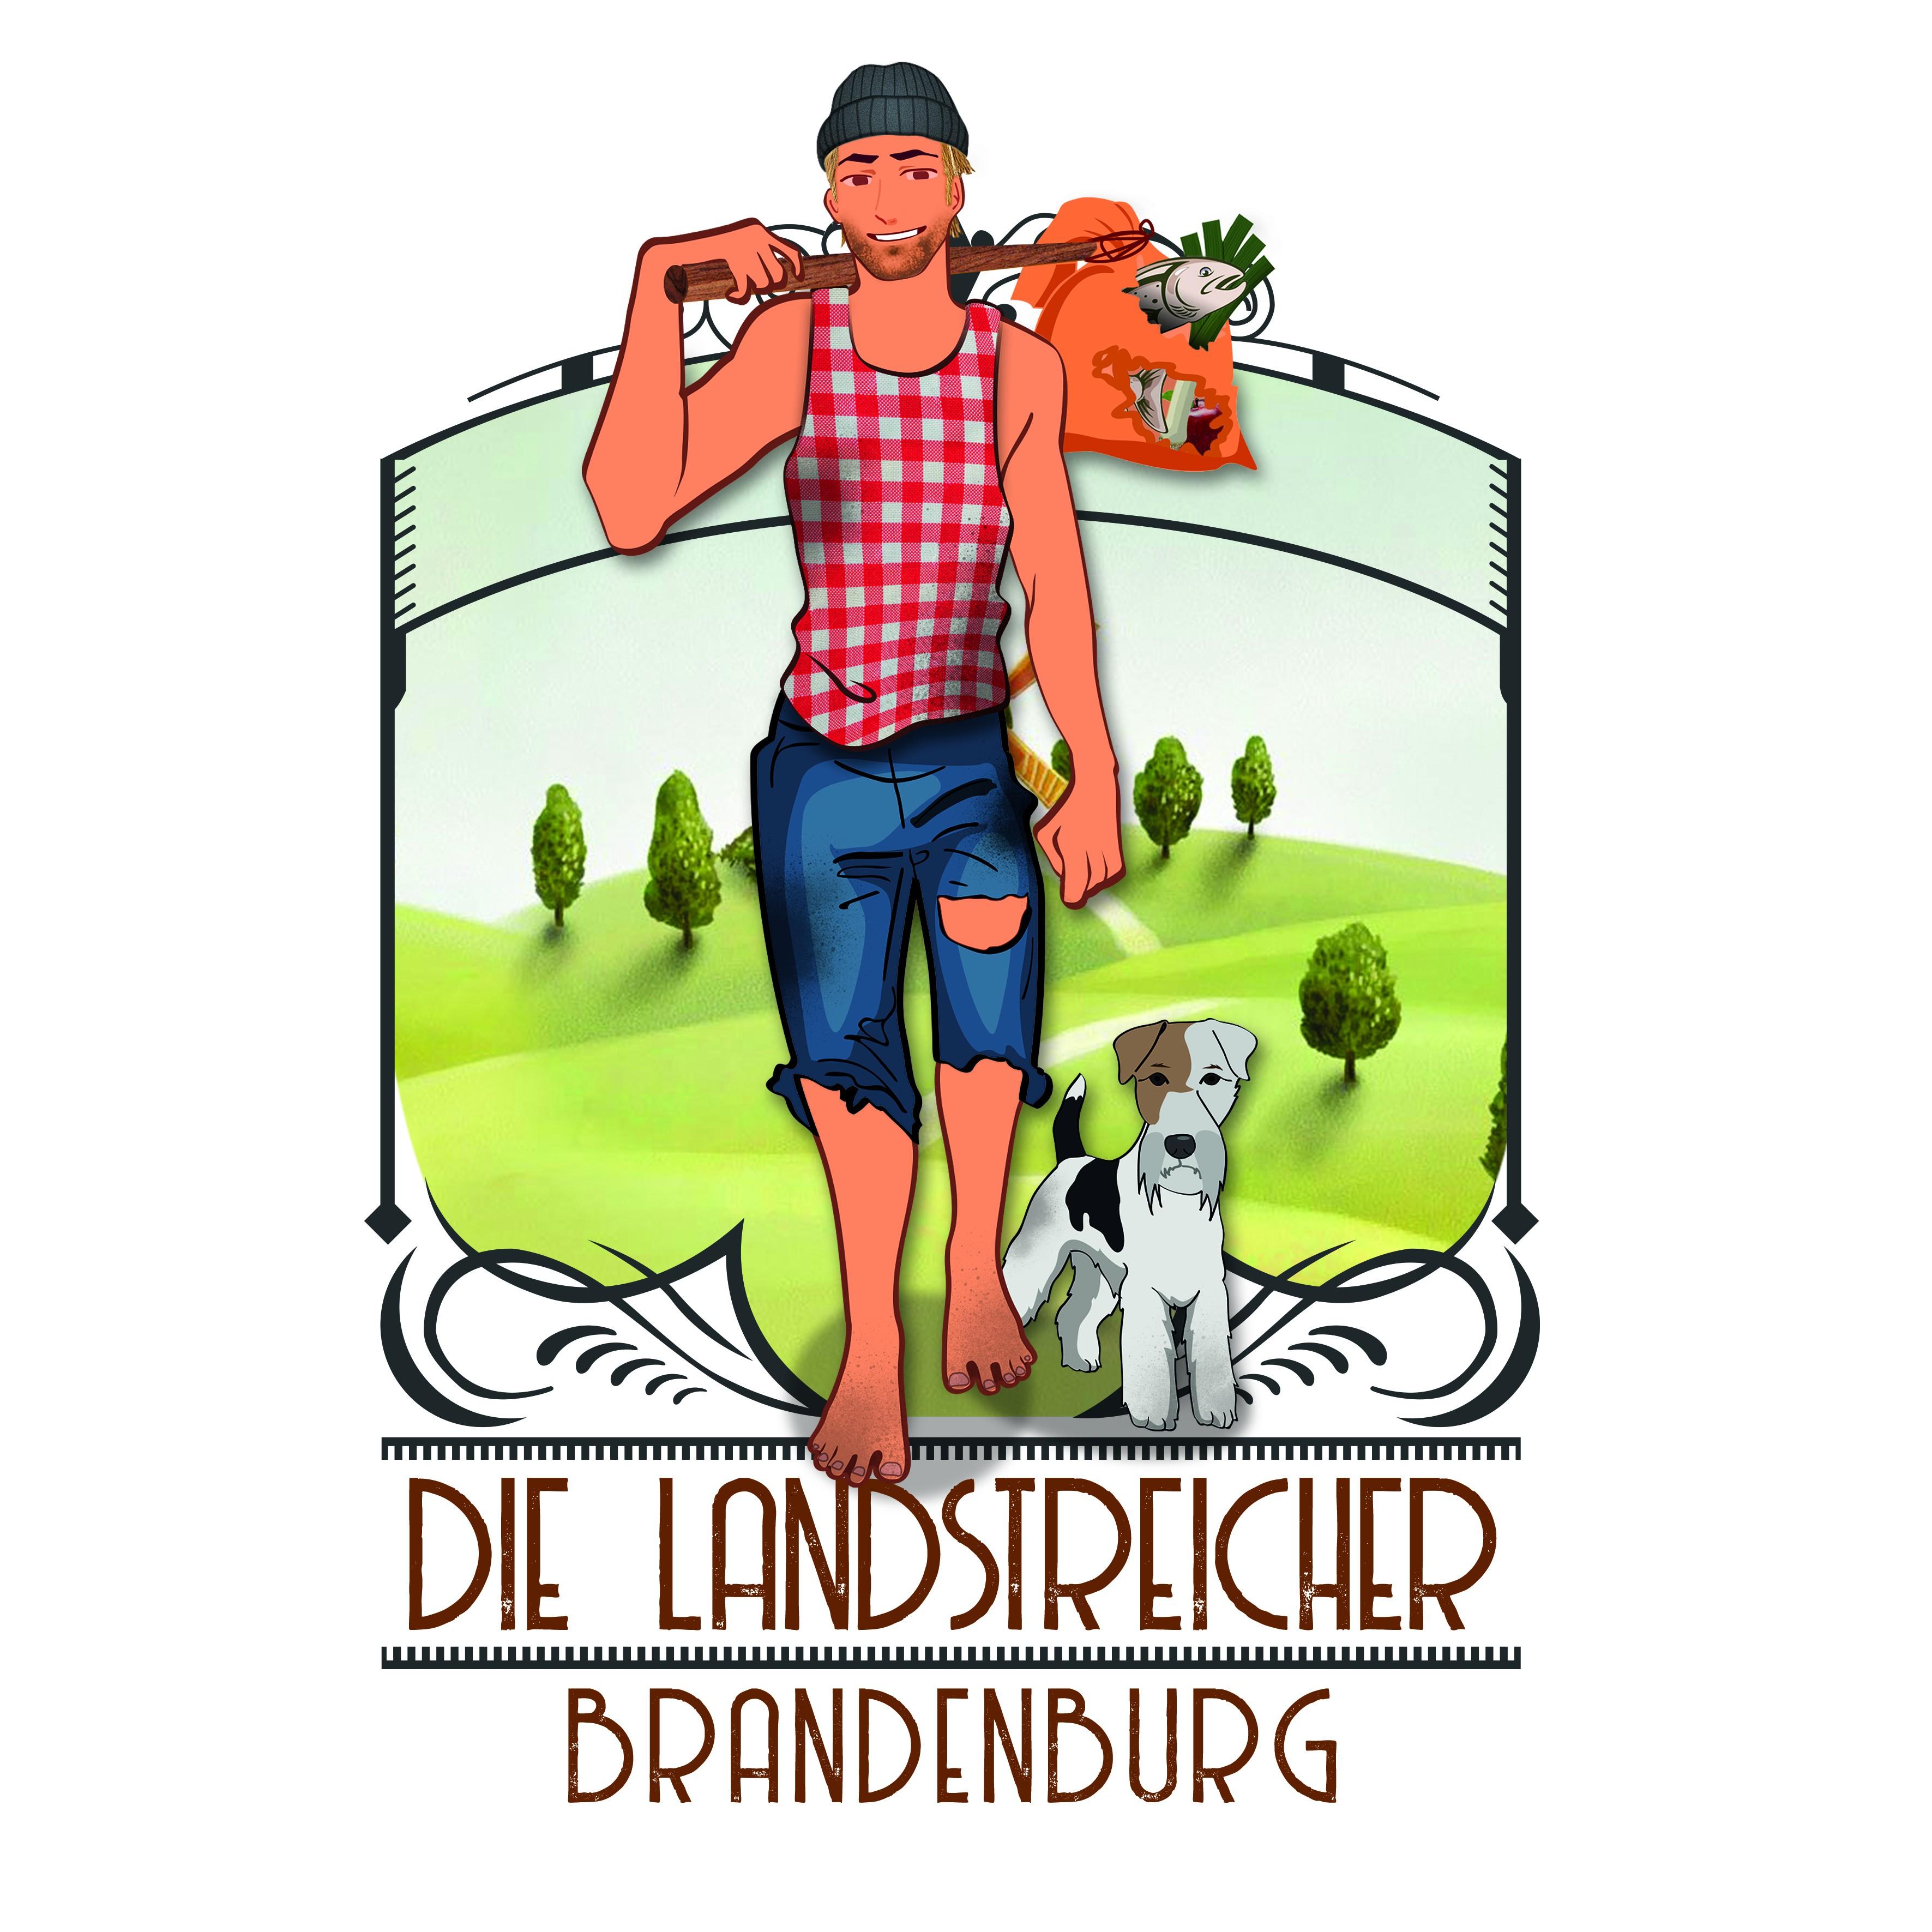 Die Brandenburger Landstreicher brauchen dringend Logo für Regionales Food